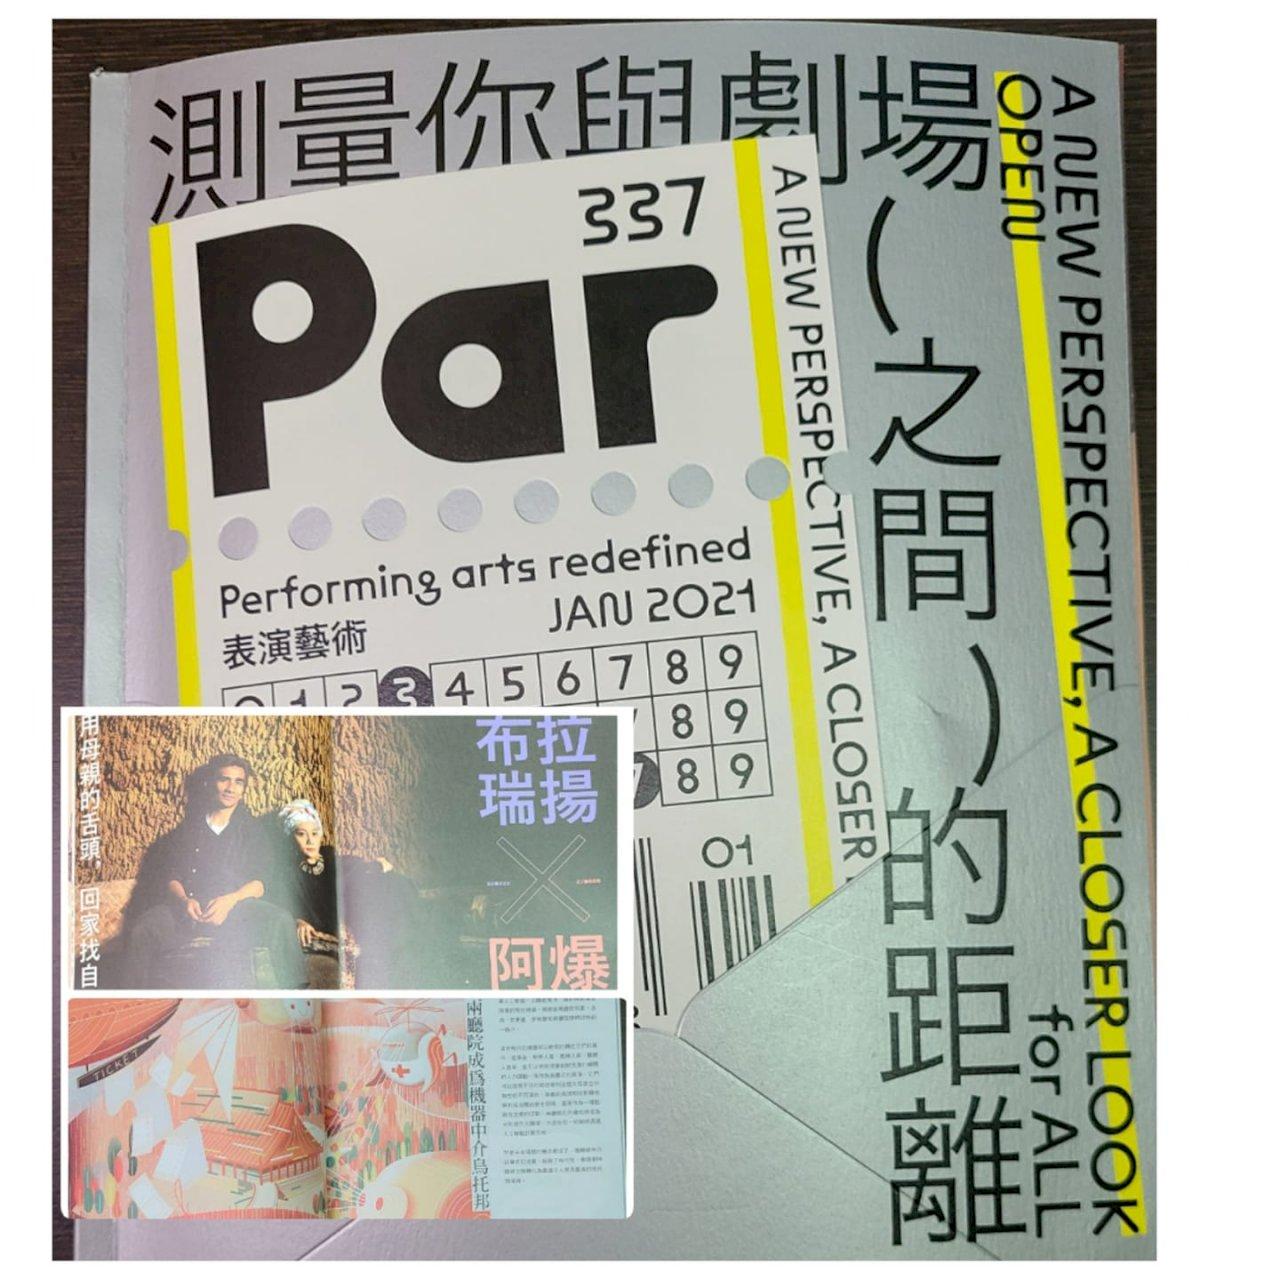 分眾經營時代!《PAR表演藝術》改雙月刊  盼拓展影響力